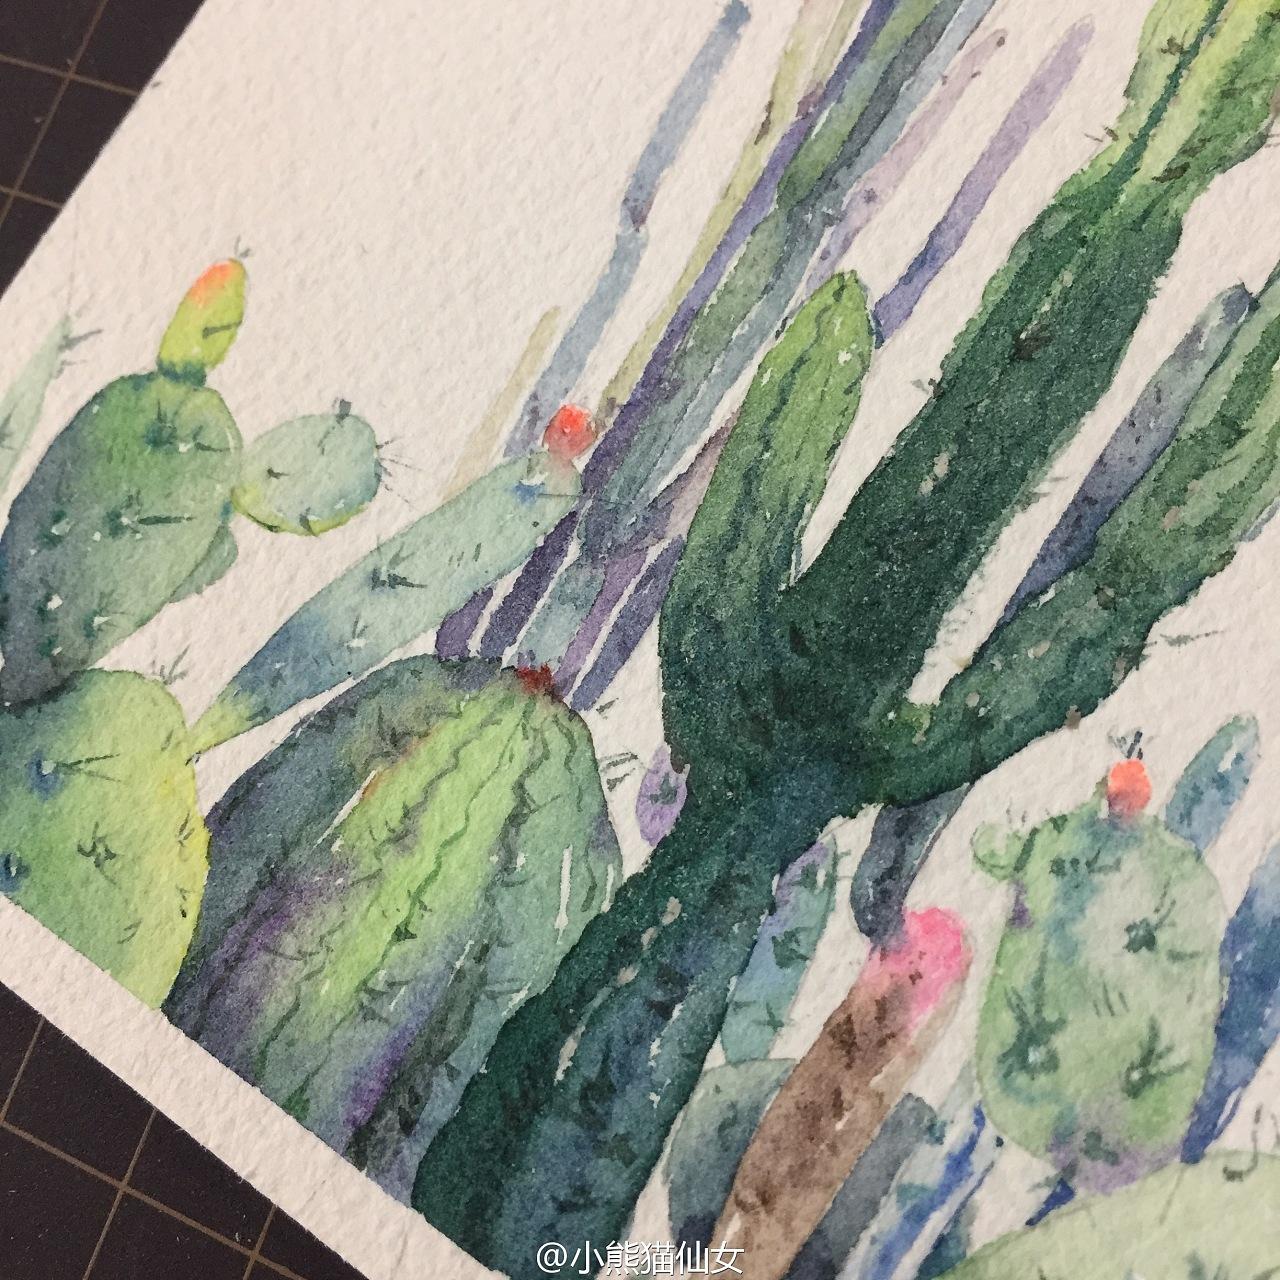 【小熊猫】水彩植物仙人掌手绘教